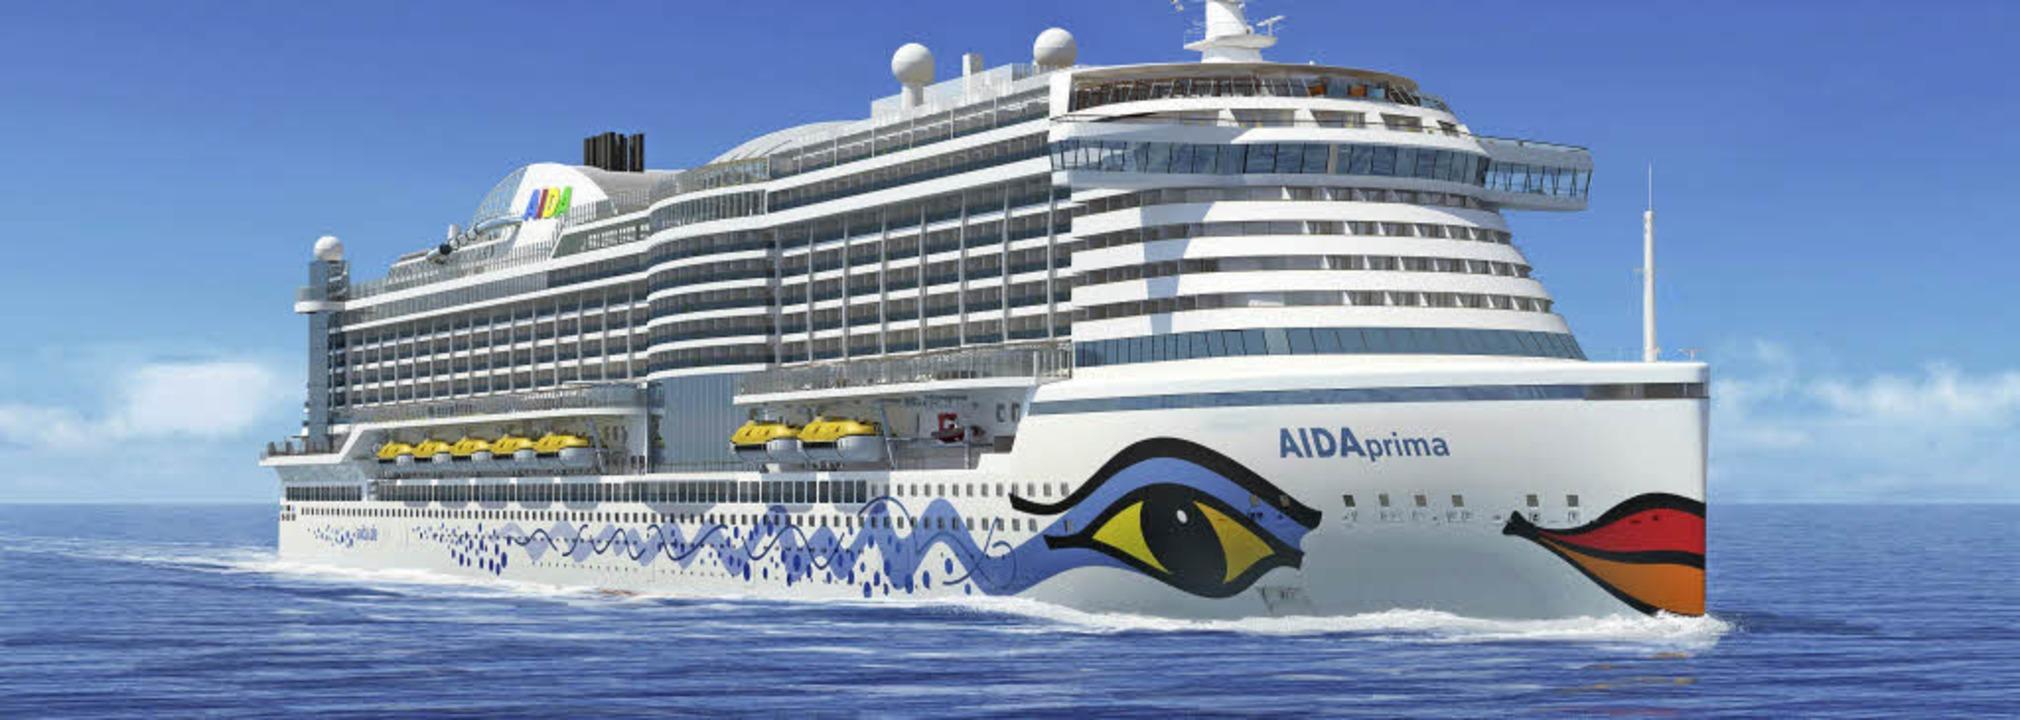 Prima, wer auf der Aida seinen Urlaub ... aus Schönau laufen die Motoren prima.    Foto: dpa-tmn